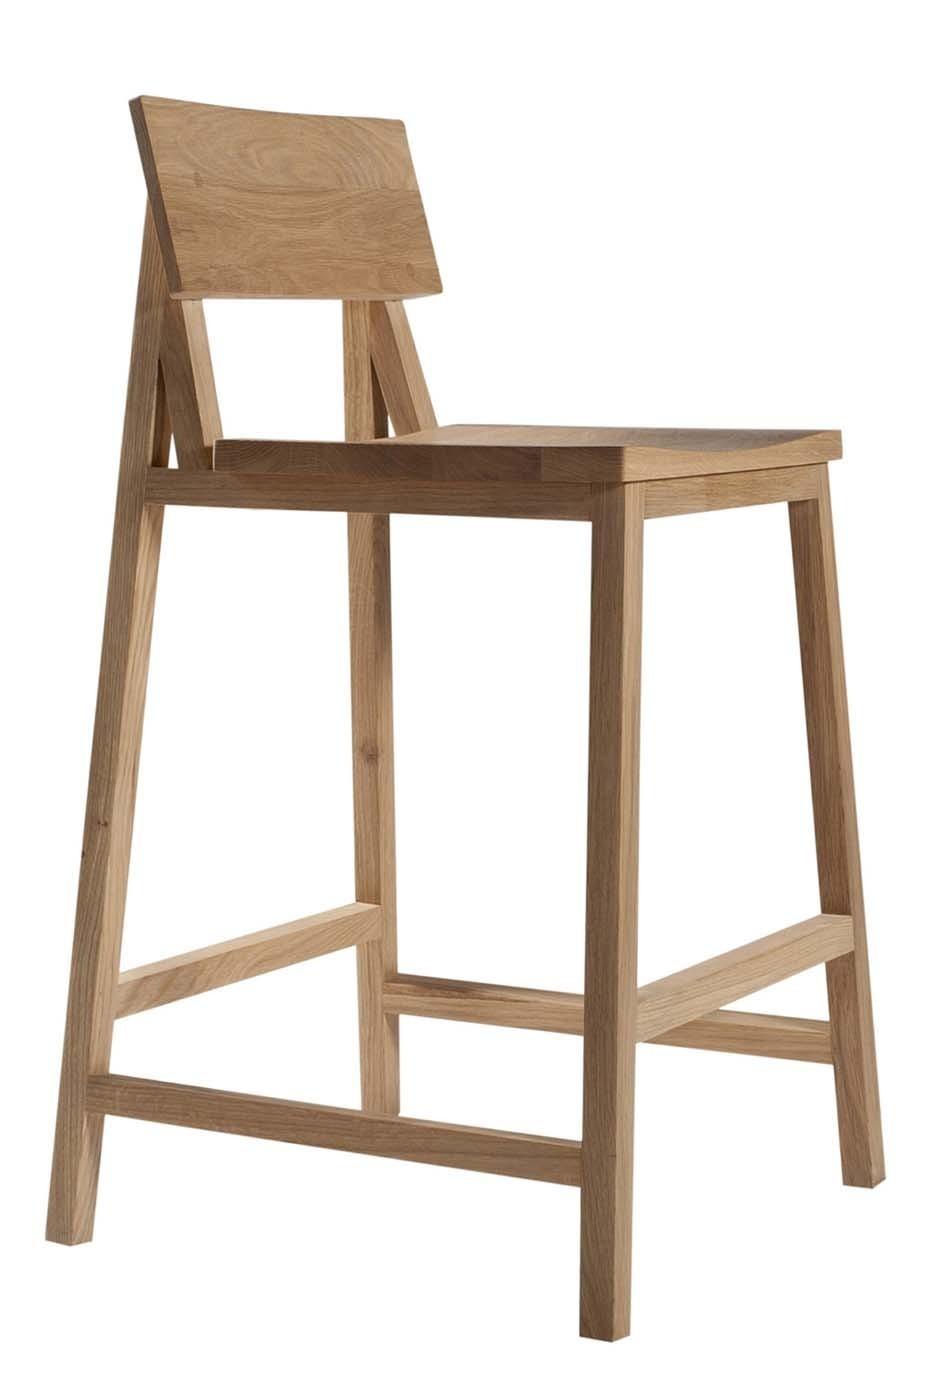 tabouret de bar n en ch ne d 39 ethnicraft. Black Bedroom Furniture Sets. Home Design Ideas